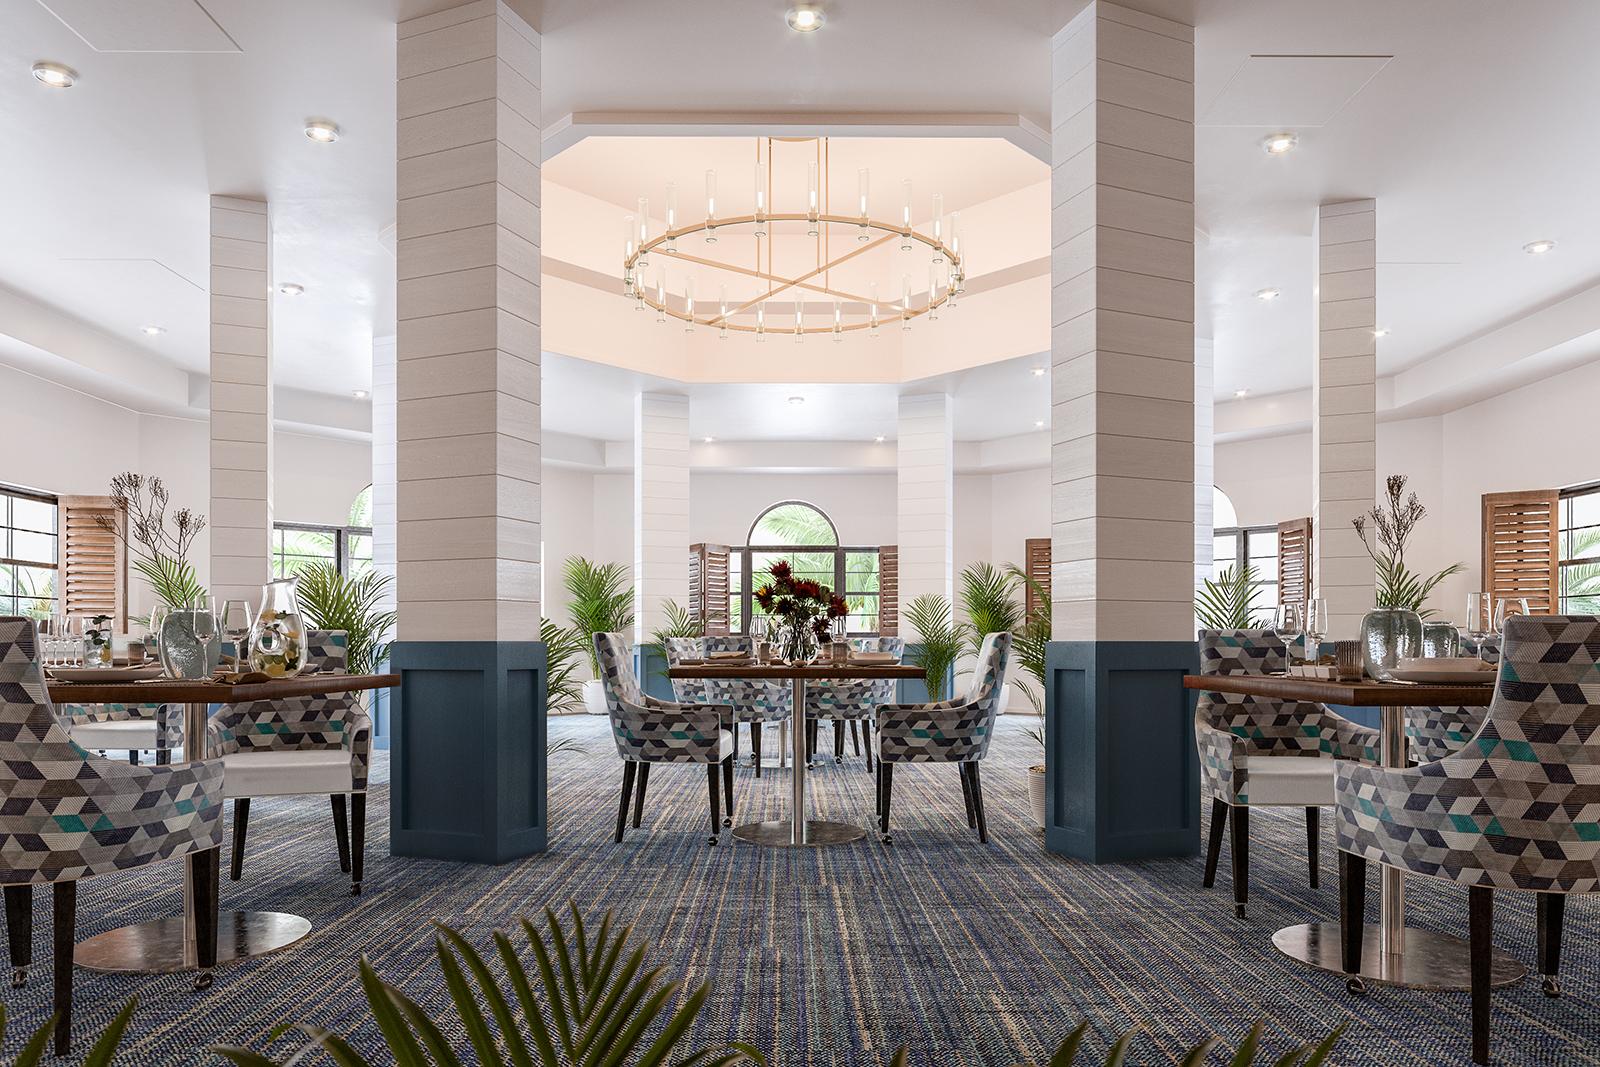 view of Unisen indoor dining space